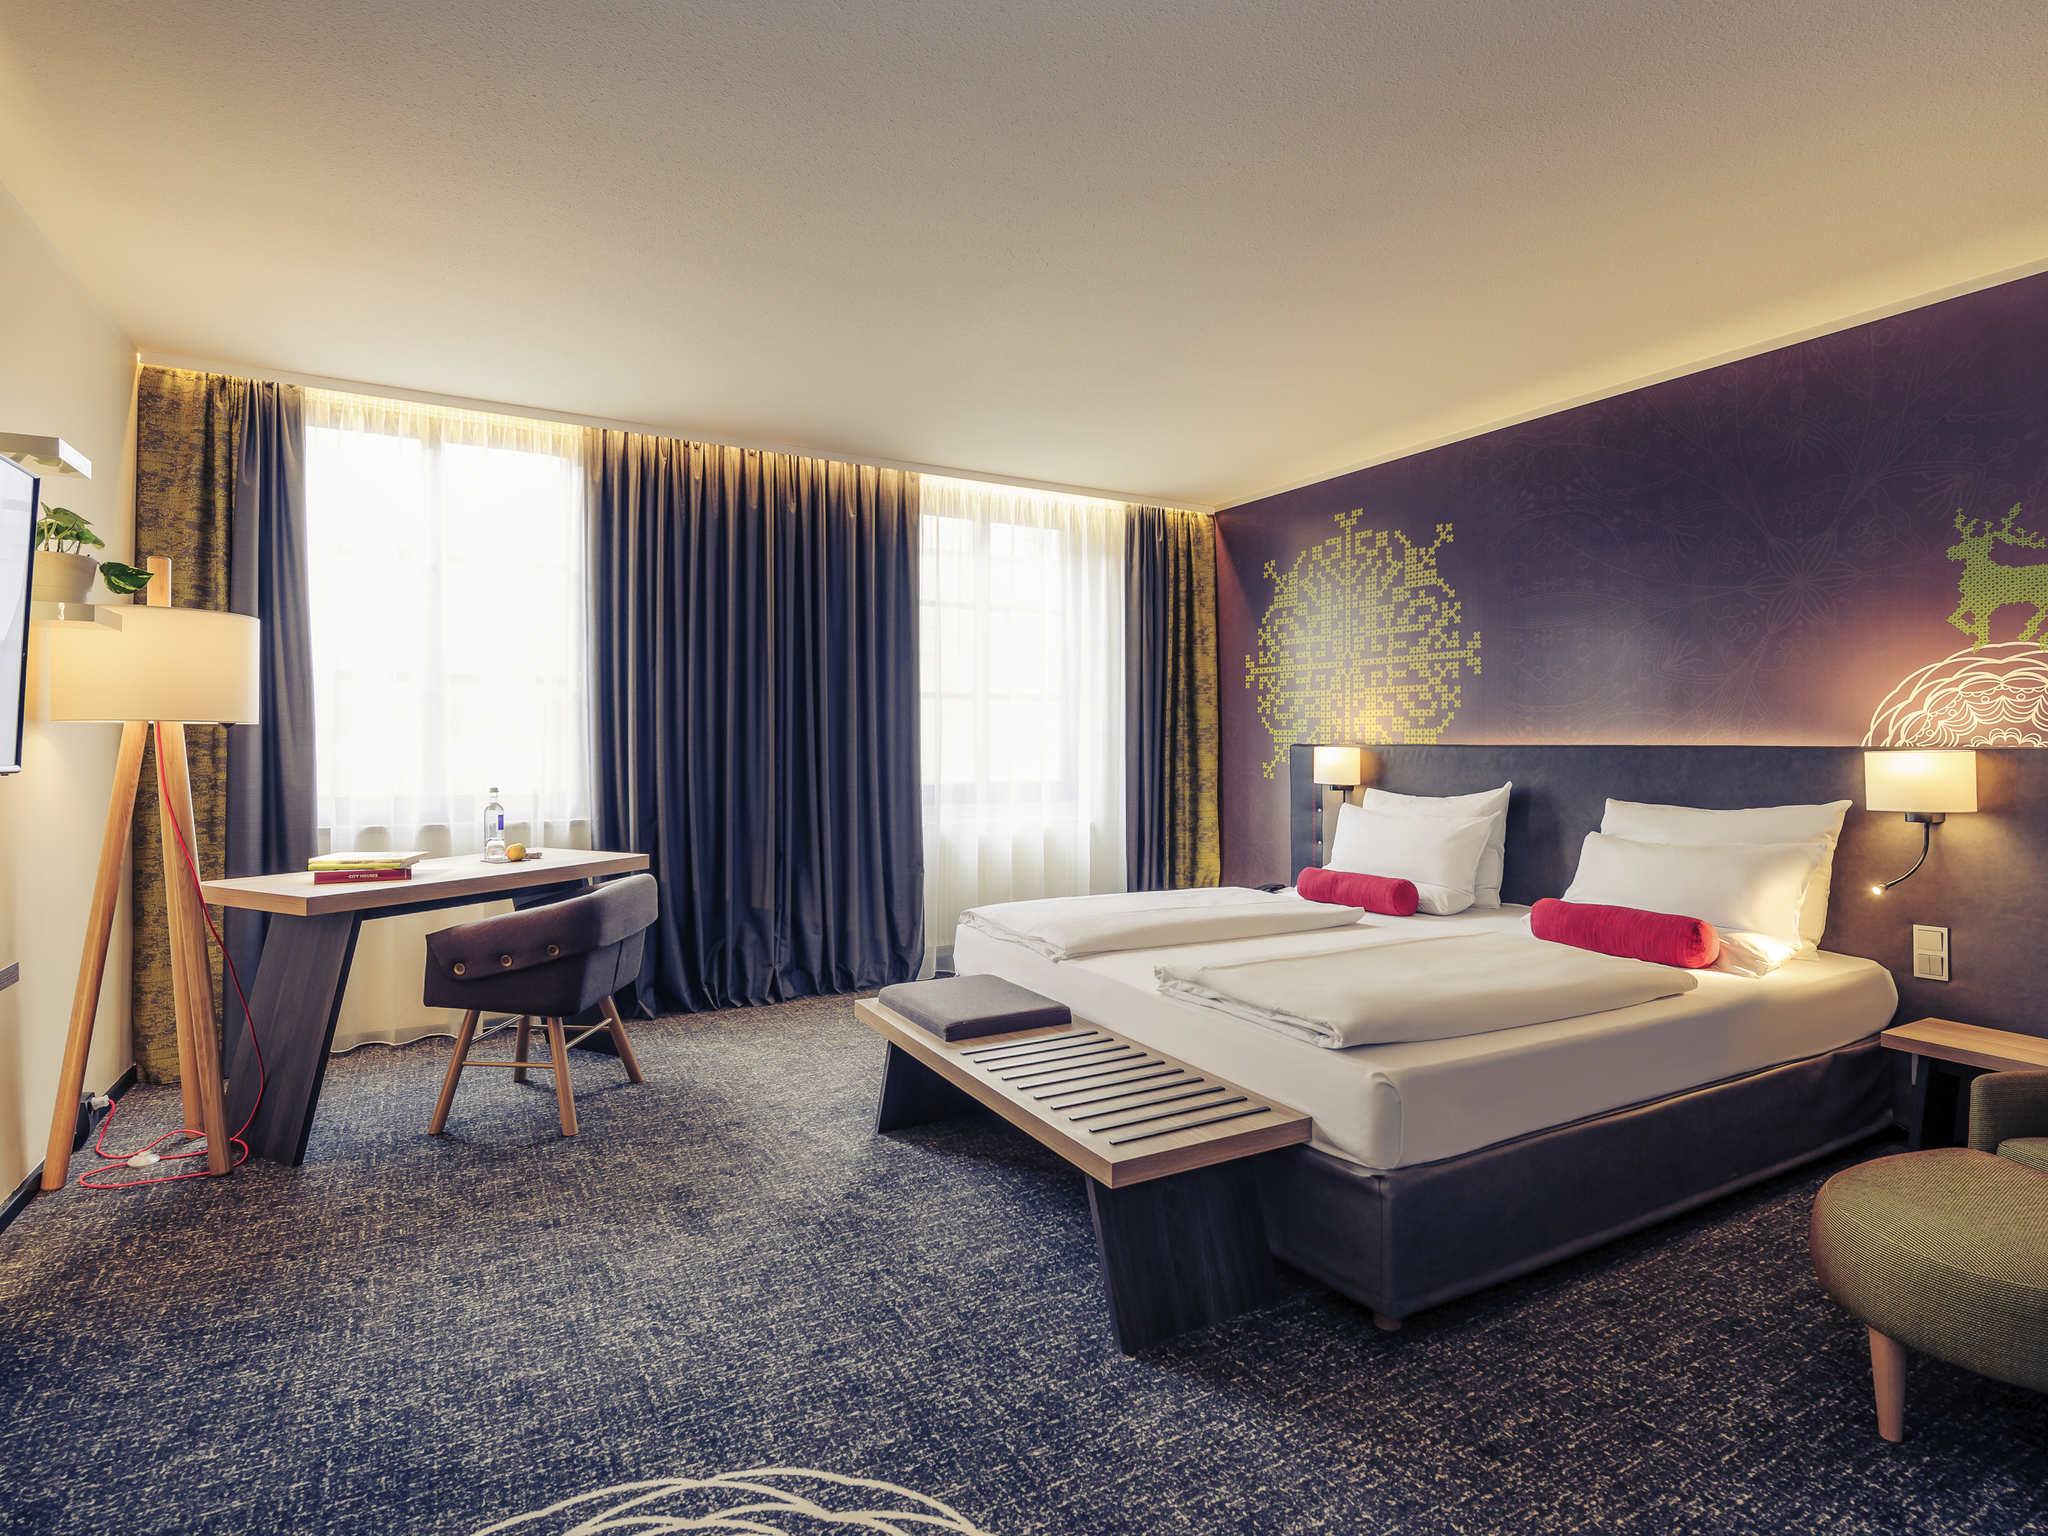 فندق - فندق مركيور Mercure مونشن سيتي سنتر